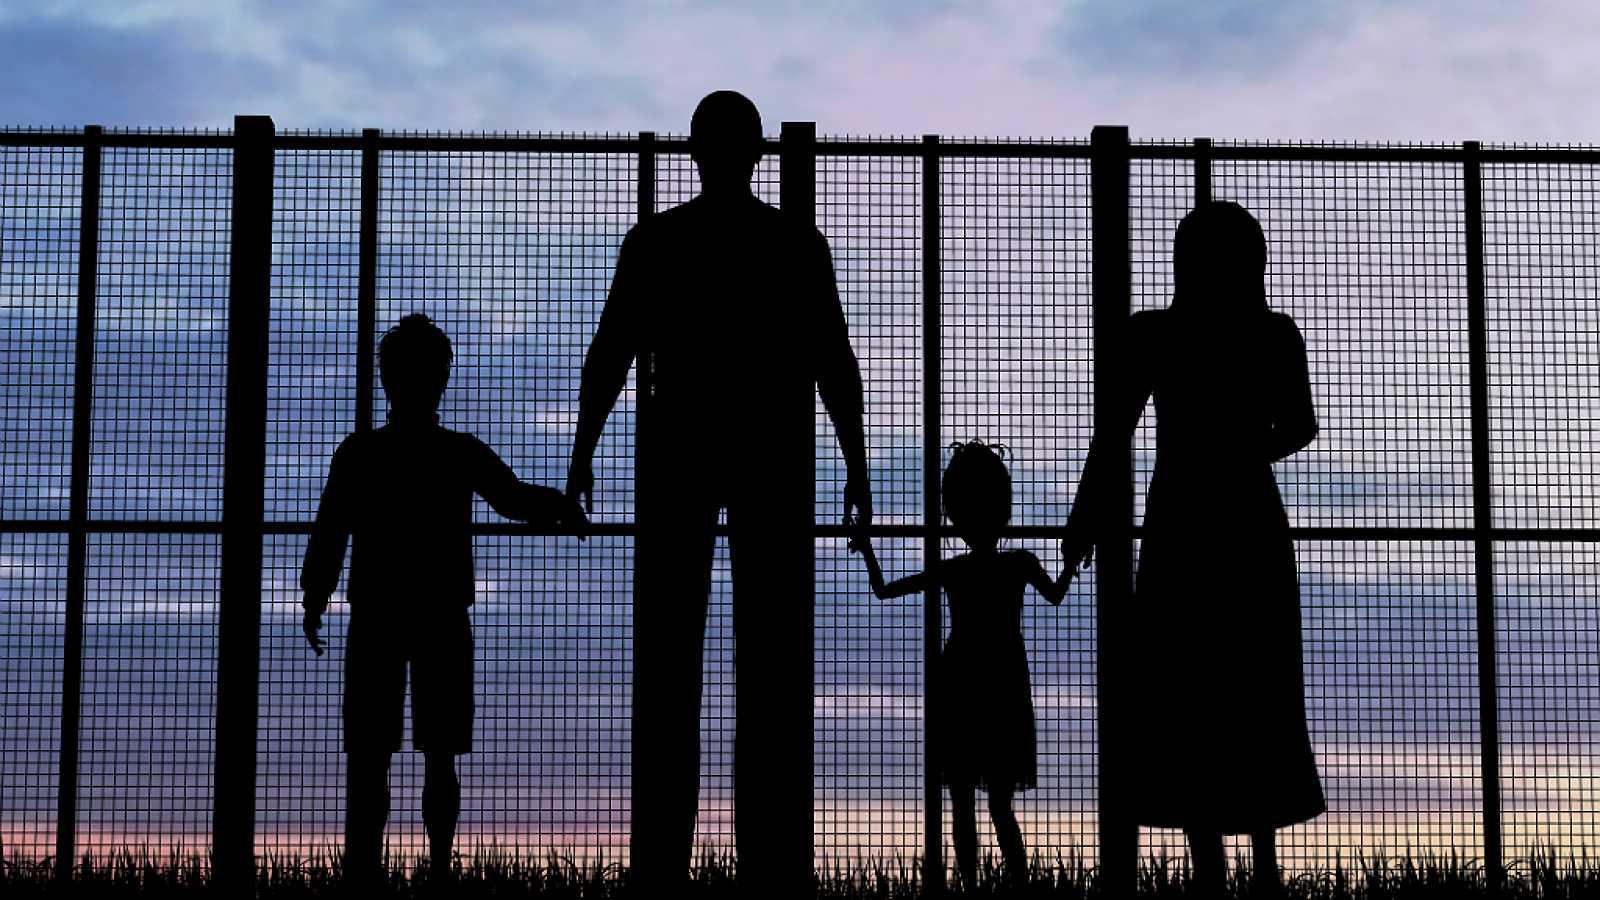 La ley es la ley - ¿Necesitan los inmigrantes ciertos requisitos para entrar en España? - 04/05/18 - Escuchar ahora